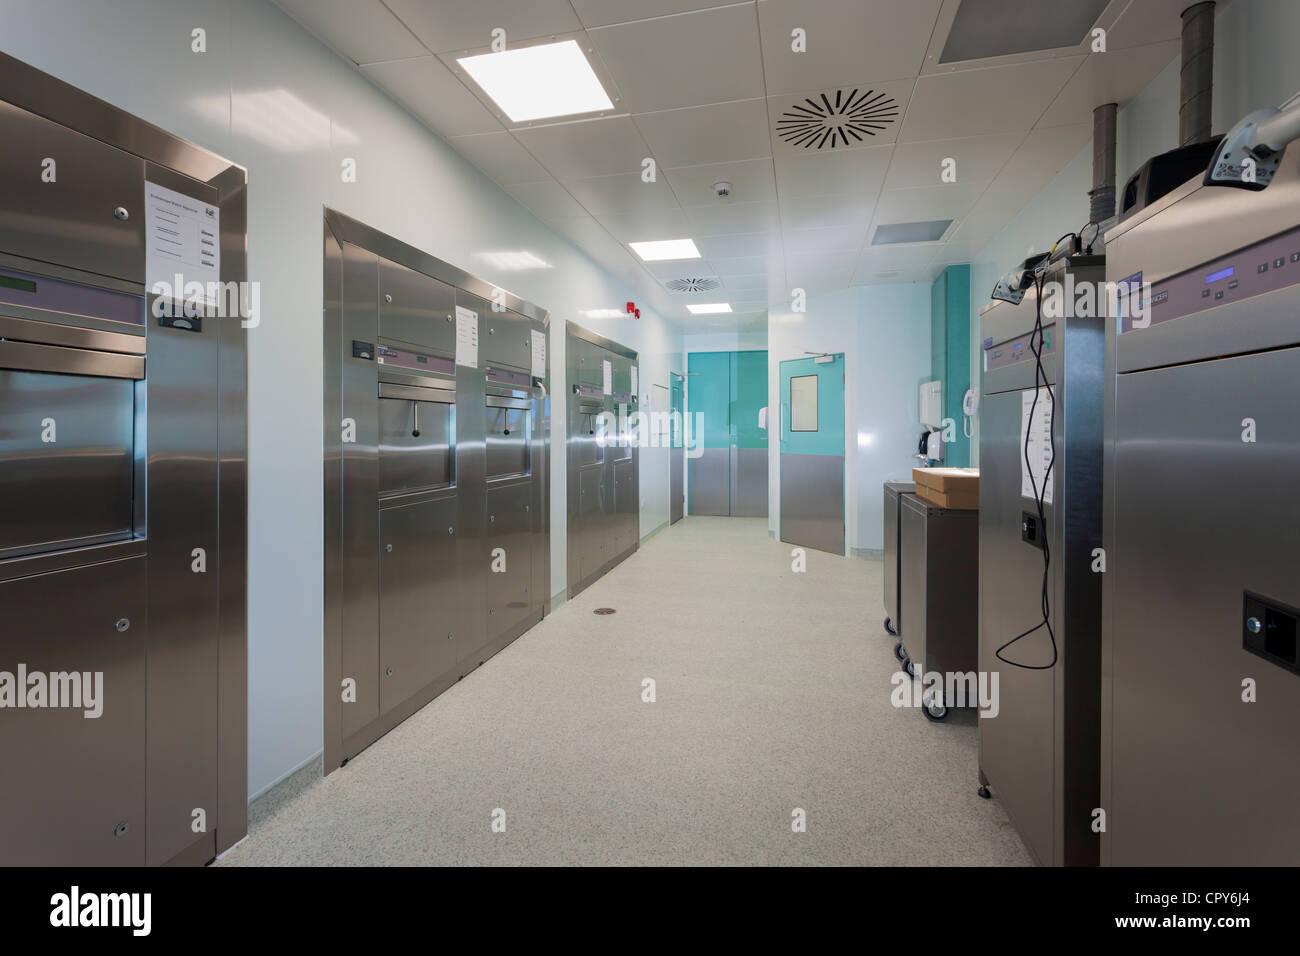 Royal Hospital di Bournemouth Unità Di Endoscopia. Strumento area di elaborazione - lato pulito Immagini Stock